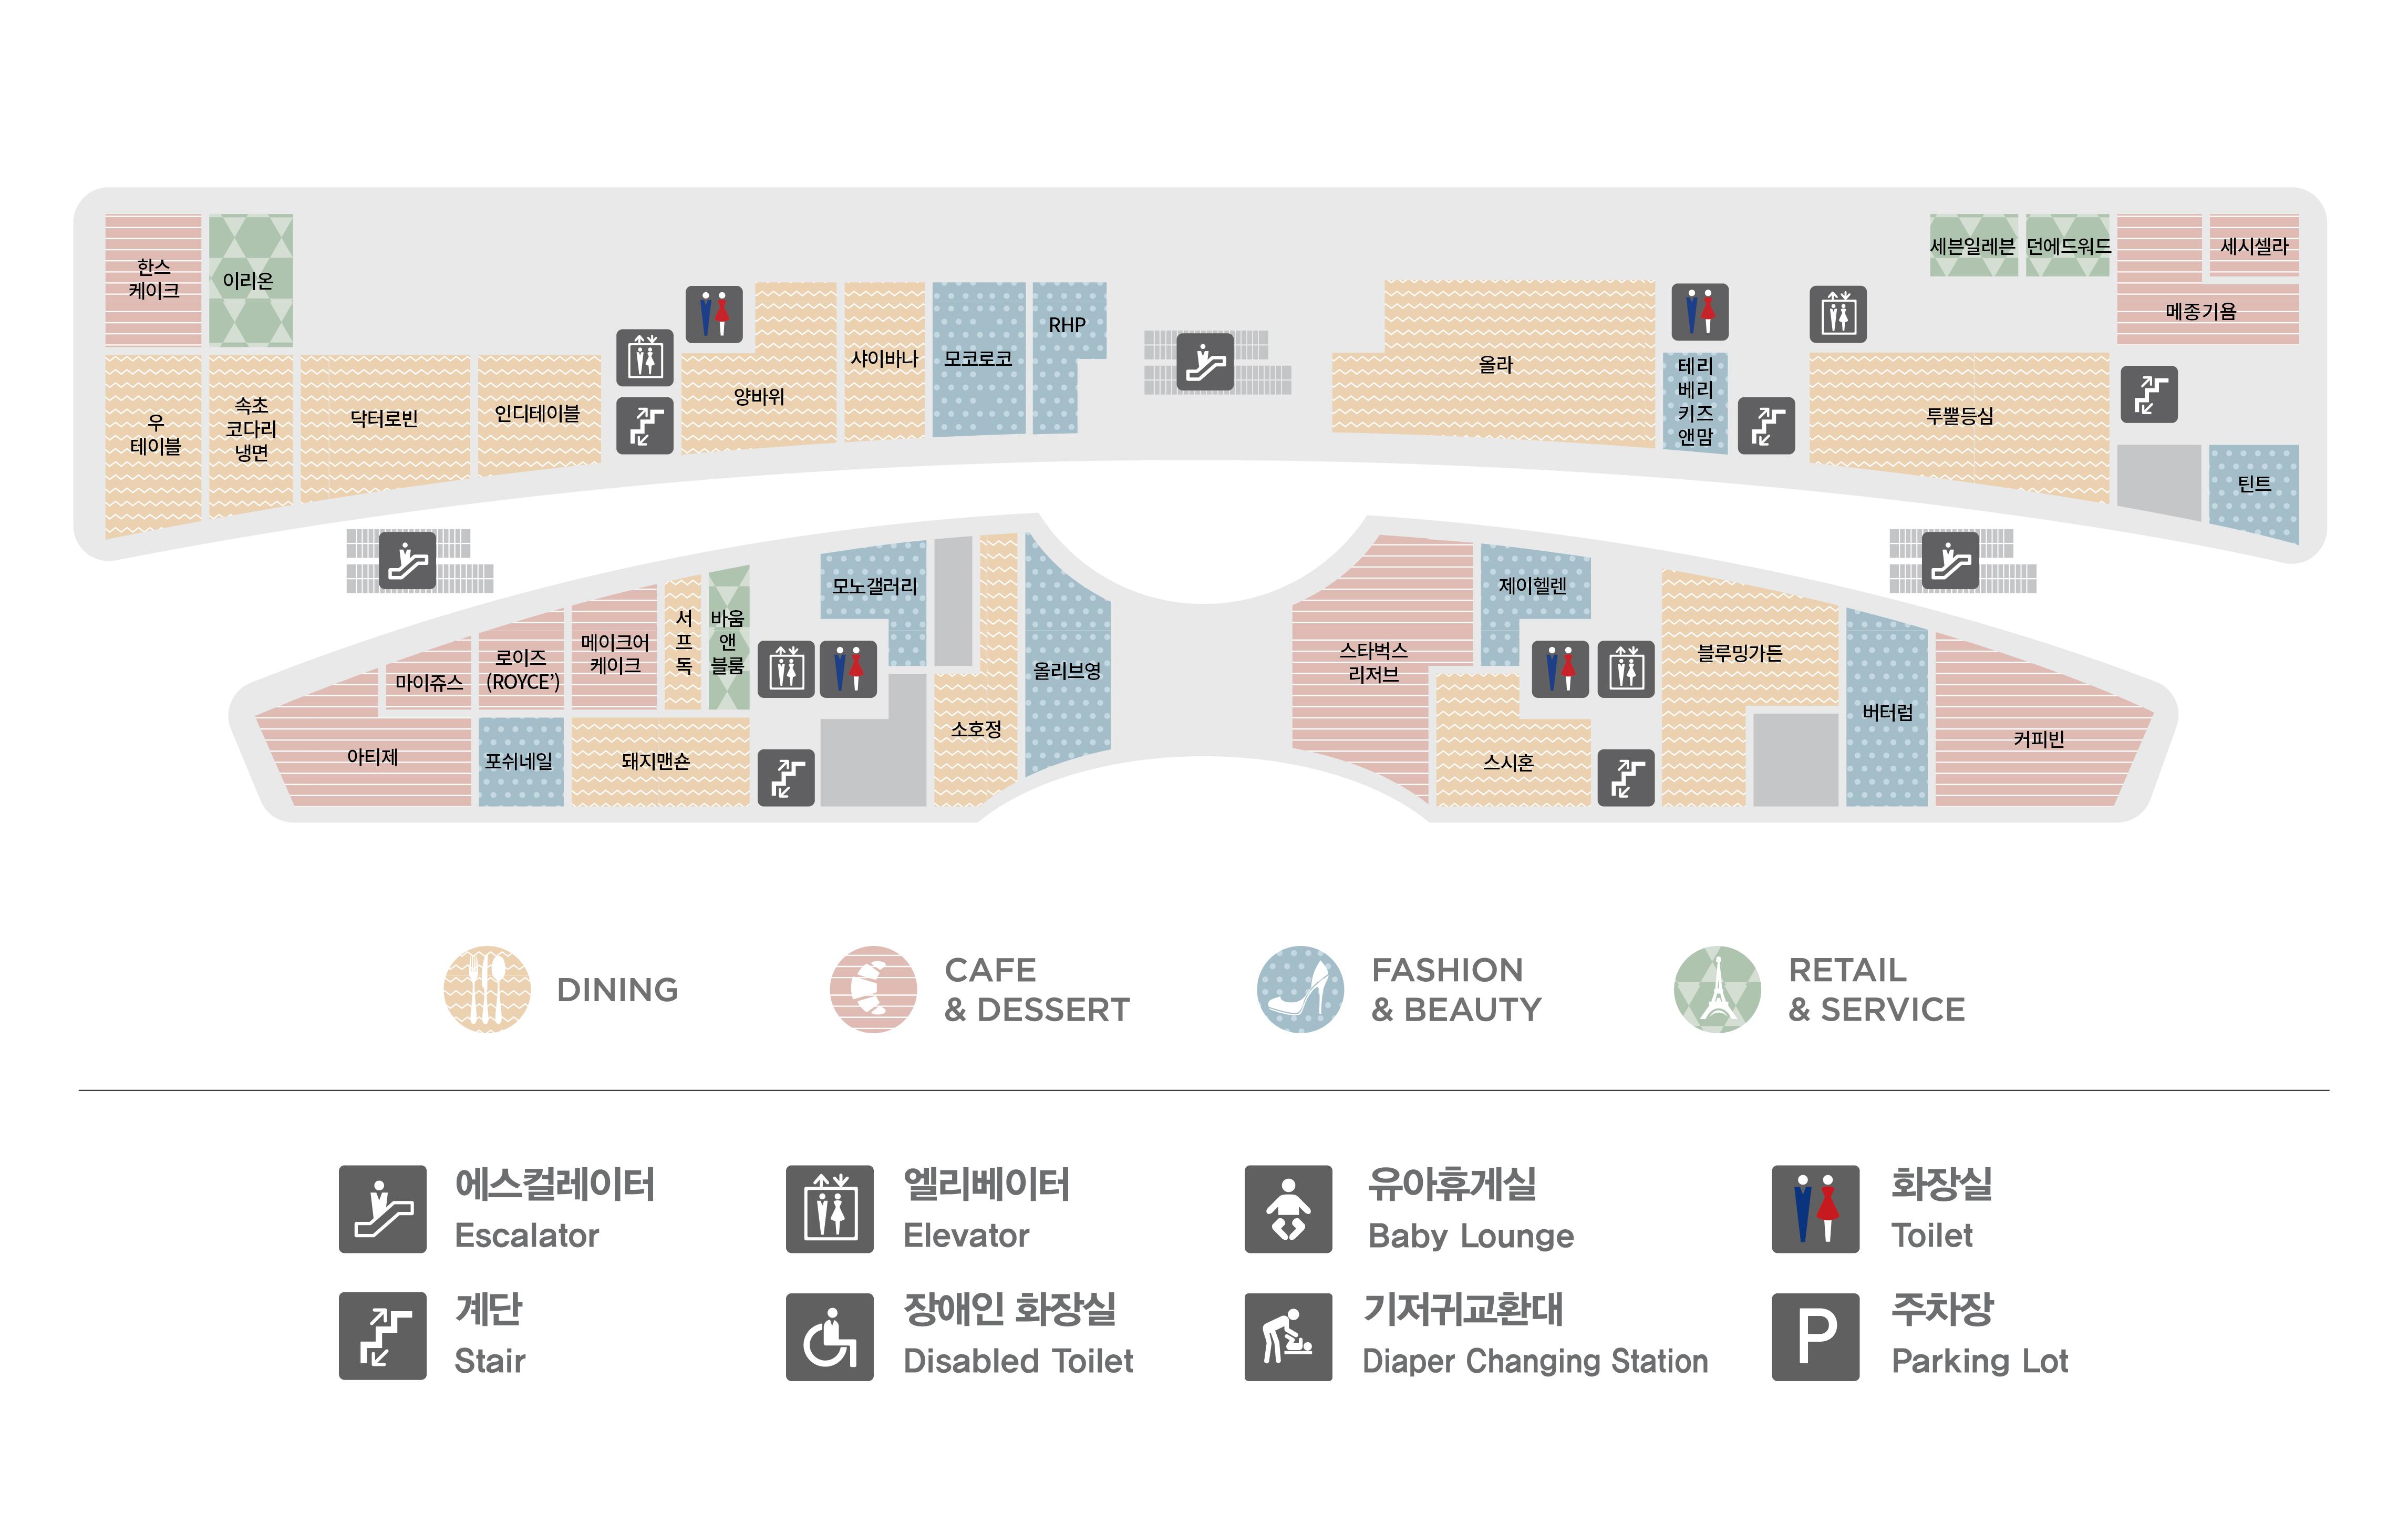 판교점 1층 매장 지도입니다. 1층에는 한스케이크, 이리온, 우테이블,속초코다리냉면,닥터로빈,인디테이블,양바위,샤이바나,모코로코,RHP,올라,세븐일레븐,덴에드워드,서프독,세시셀라,투뿔등심,메종드로프트,틴트,마이쥬스,로이즈,메이크어케이크,바움앤블룸,피콜리노,미스터라자냐,포쉬네일,돼지맨숀,타이틀리스트,소호정,올리브영, 아티제, 단얼음, 제이헬렌, 블루밍가든, 그랑마블, 버터럼, 커피빈 총 36개 매장이 입점해있습니다. 또한 화장실 총 4개, 에스컬레이터, 엘레베이터, 비상계단이 있습니다. 화장실과 엘레베이터는 양바위, 올라, 제이헬렌, 타이틀 리스트 매장 옆에 있습니다.